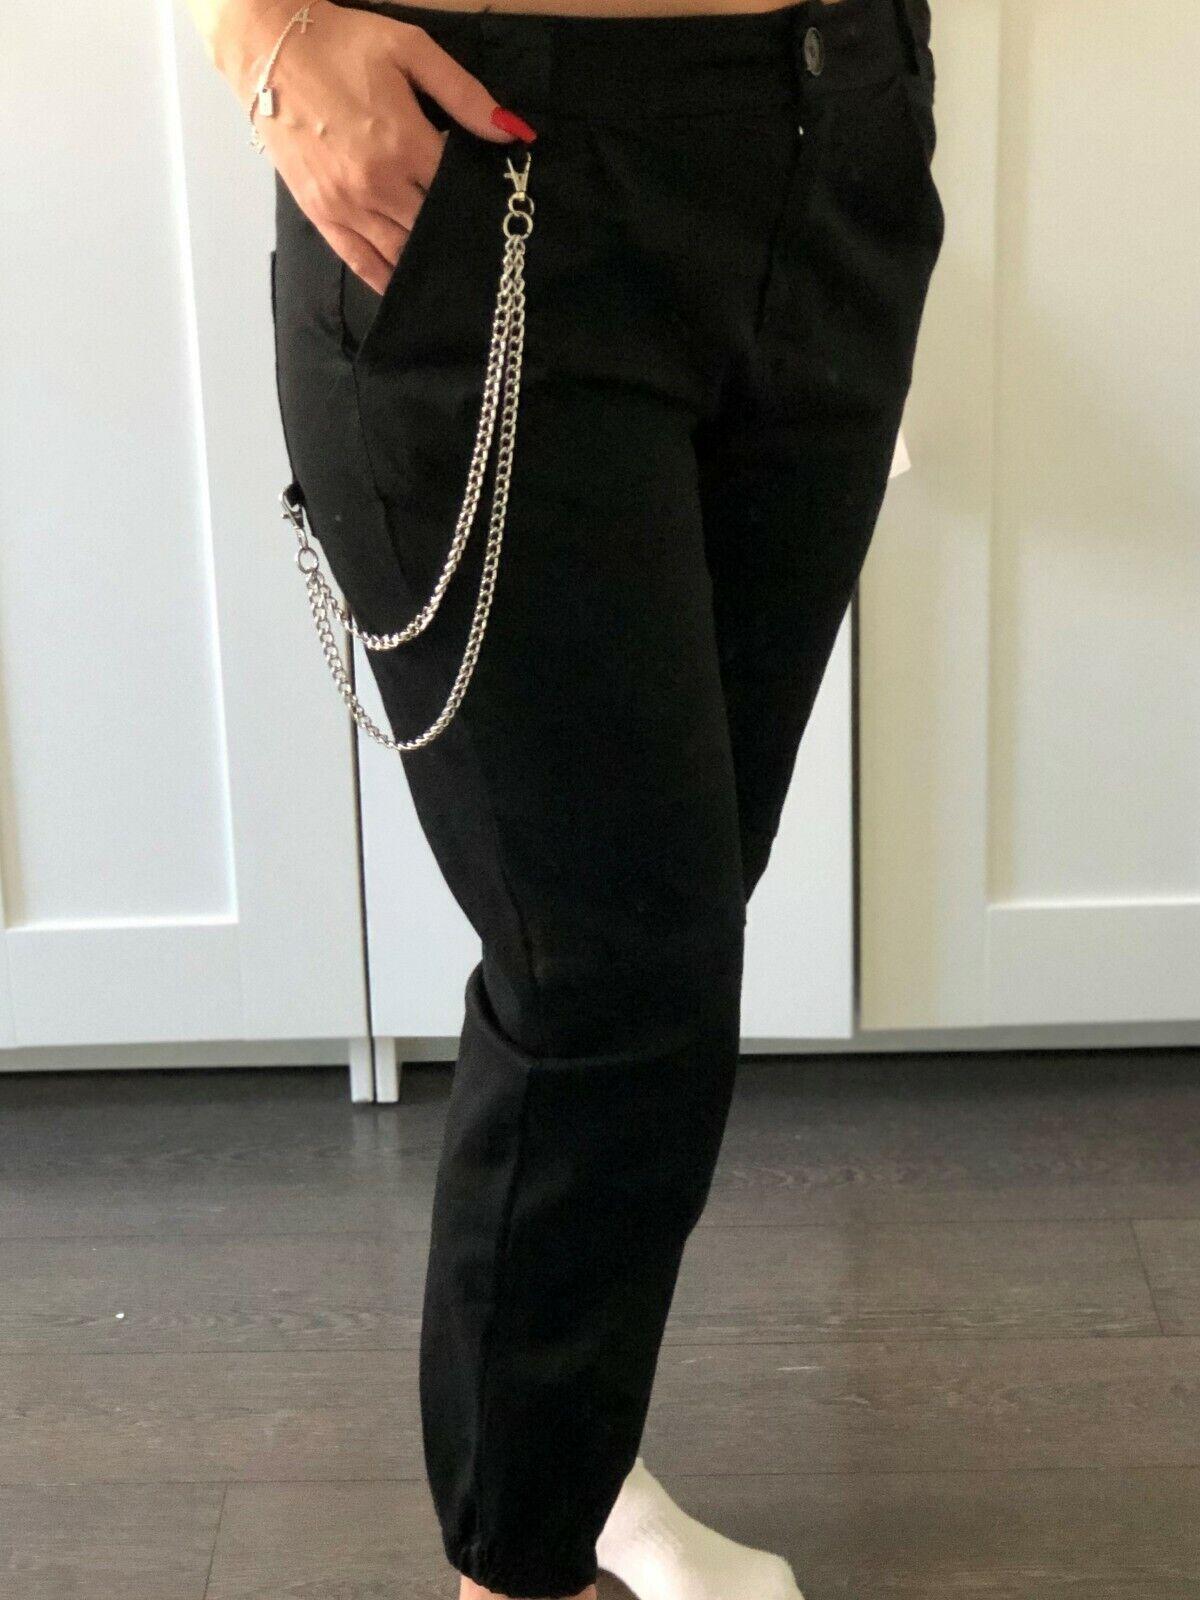 Damen Hose schwarz mit Kette Größe M Mioni NEU